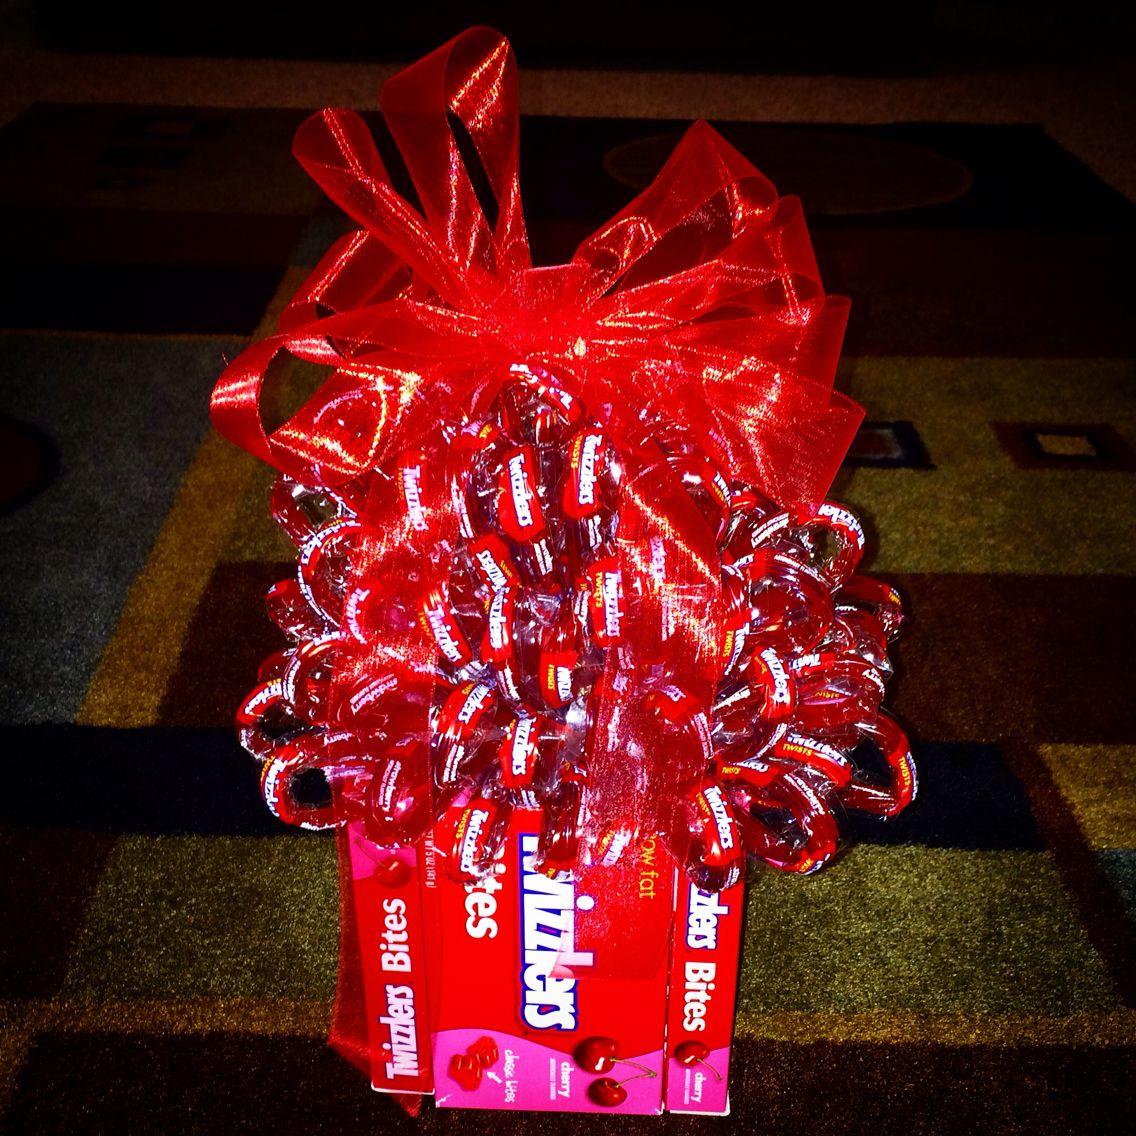 twizzler bouquet twizzlers gift diy bouquet twizzlers twizzler bouquet twizzlers gift diy